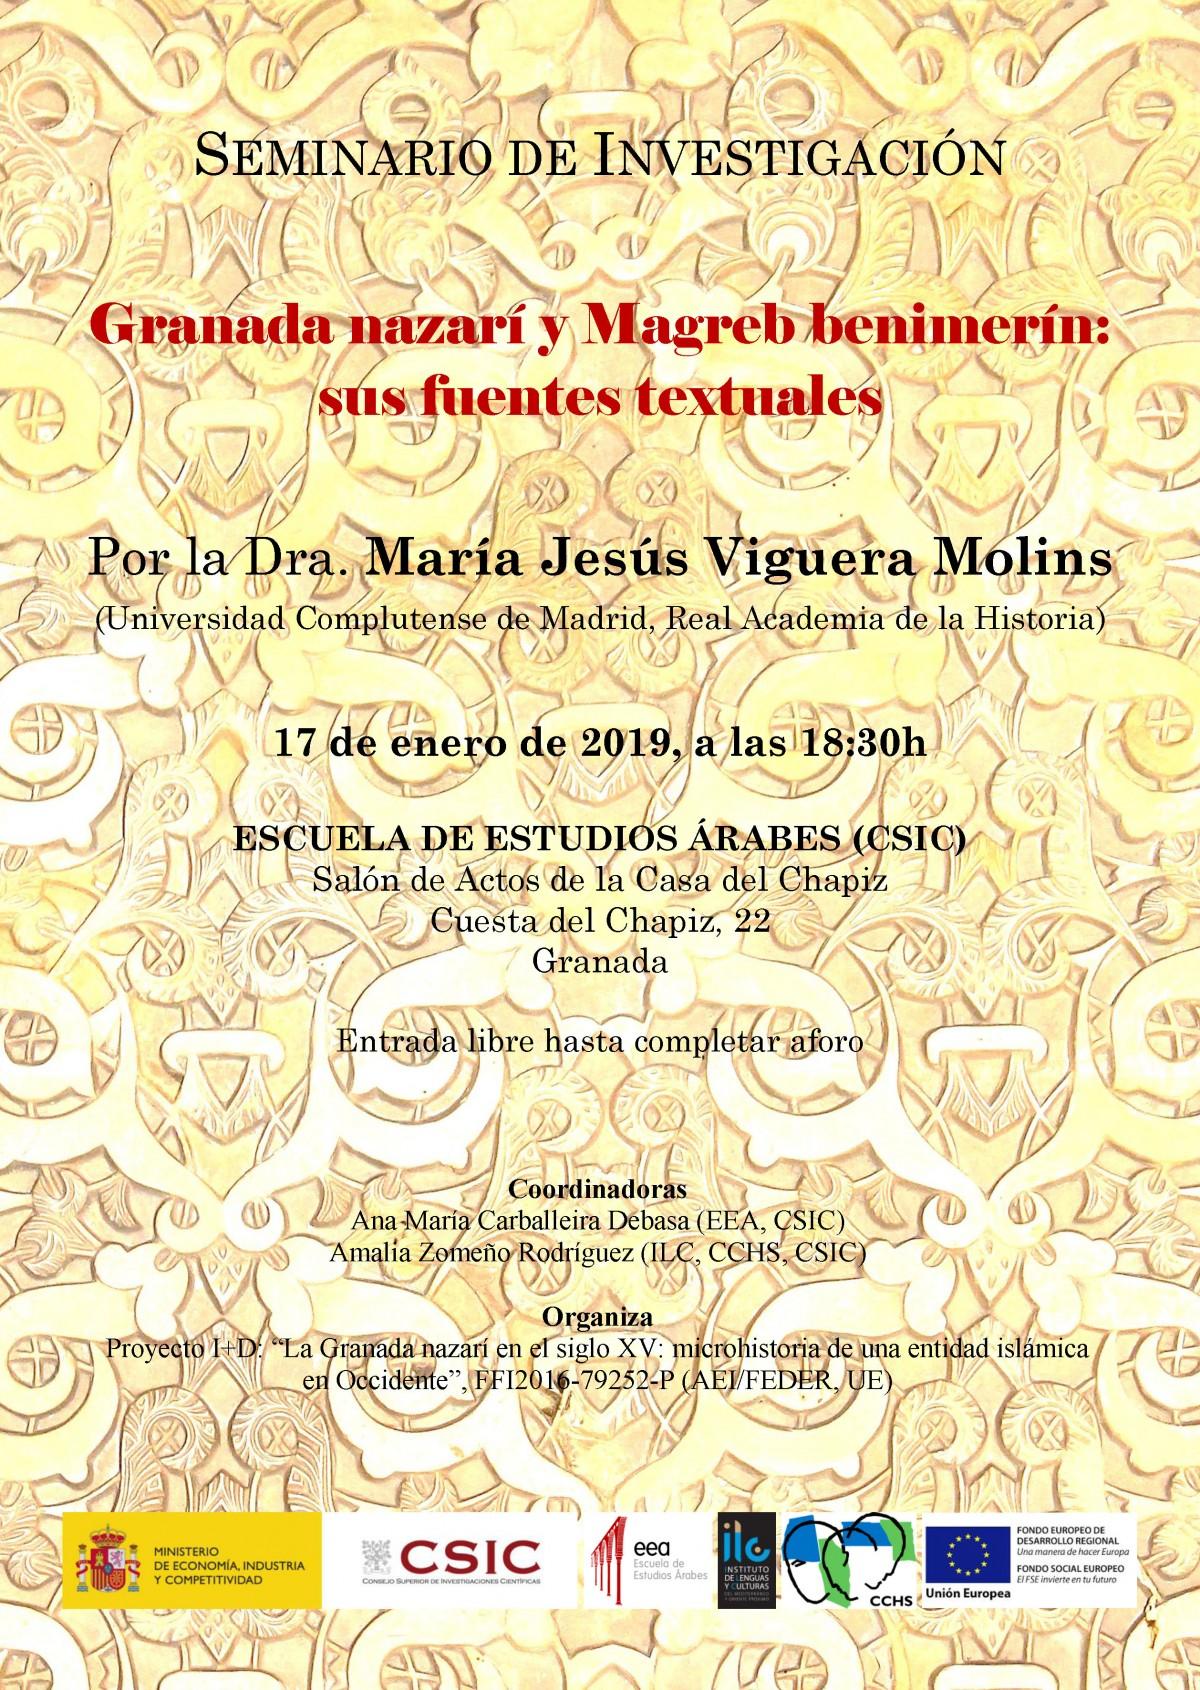 Granada nazarí y Magreb benimerín: sus fuentes textuales